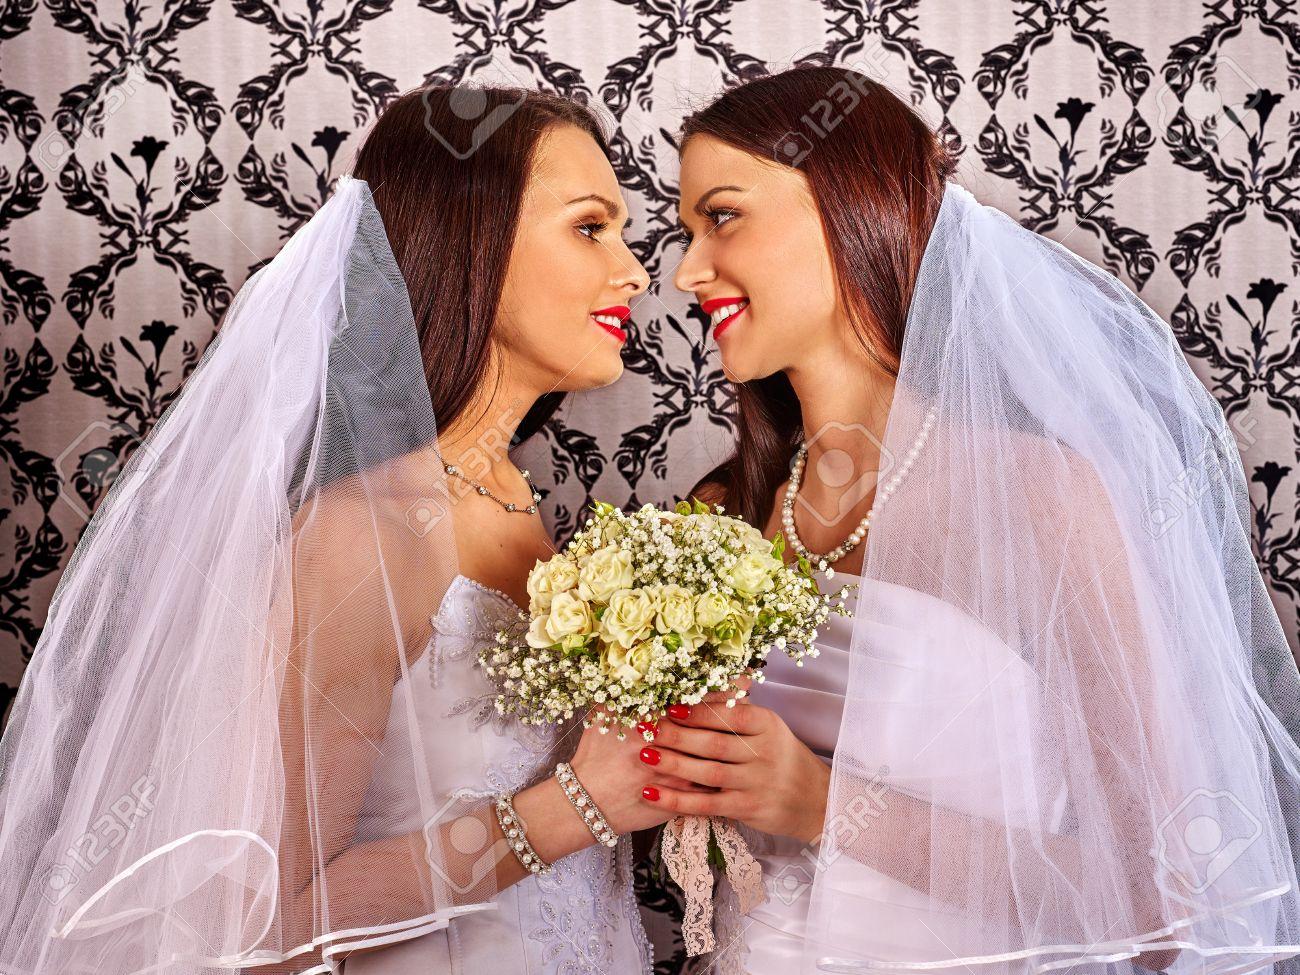 фото со свадьбы лесбиянок-ум2